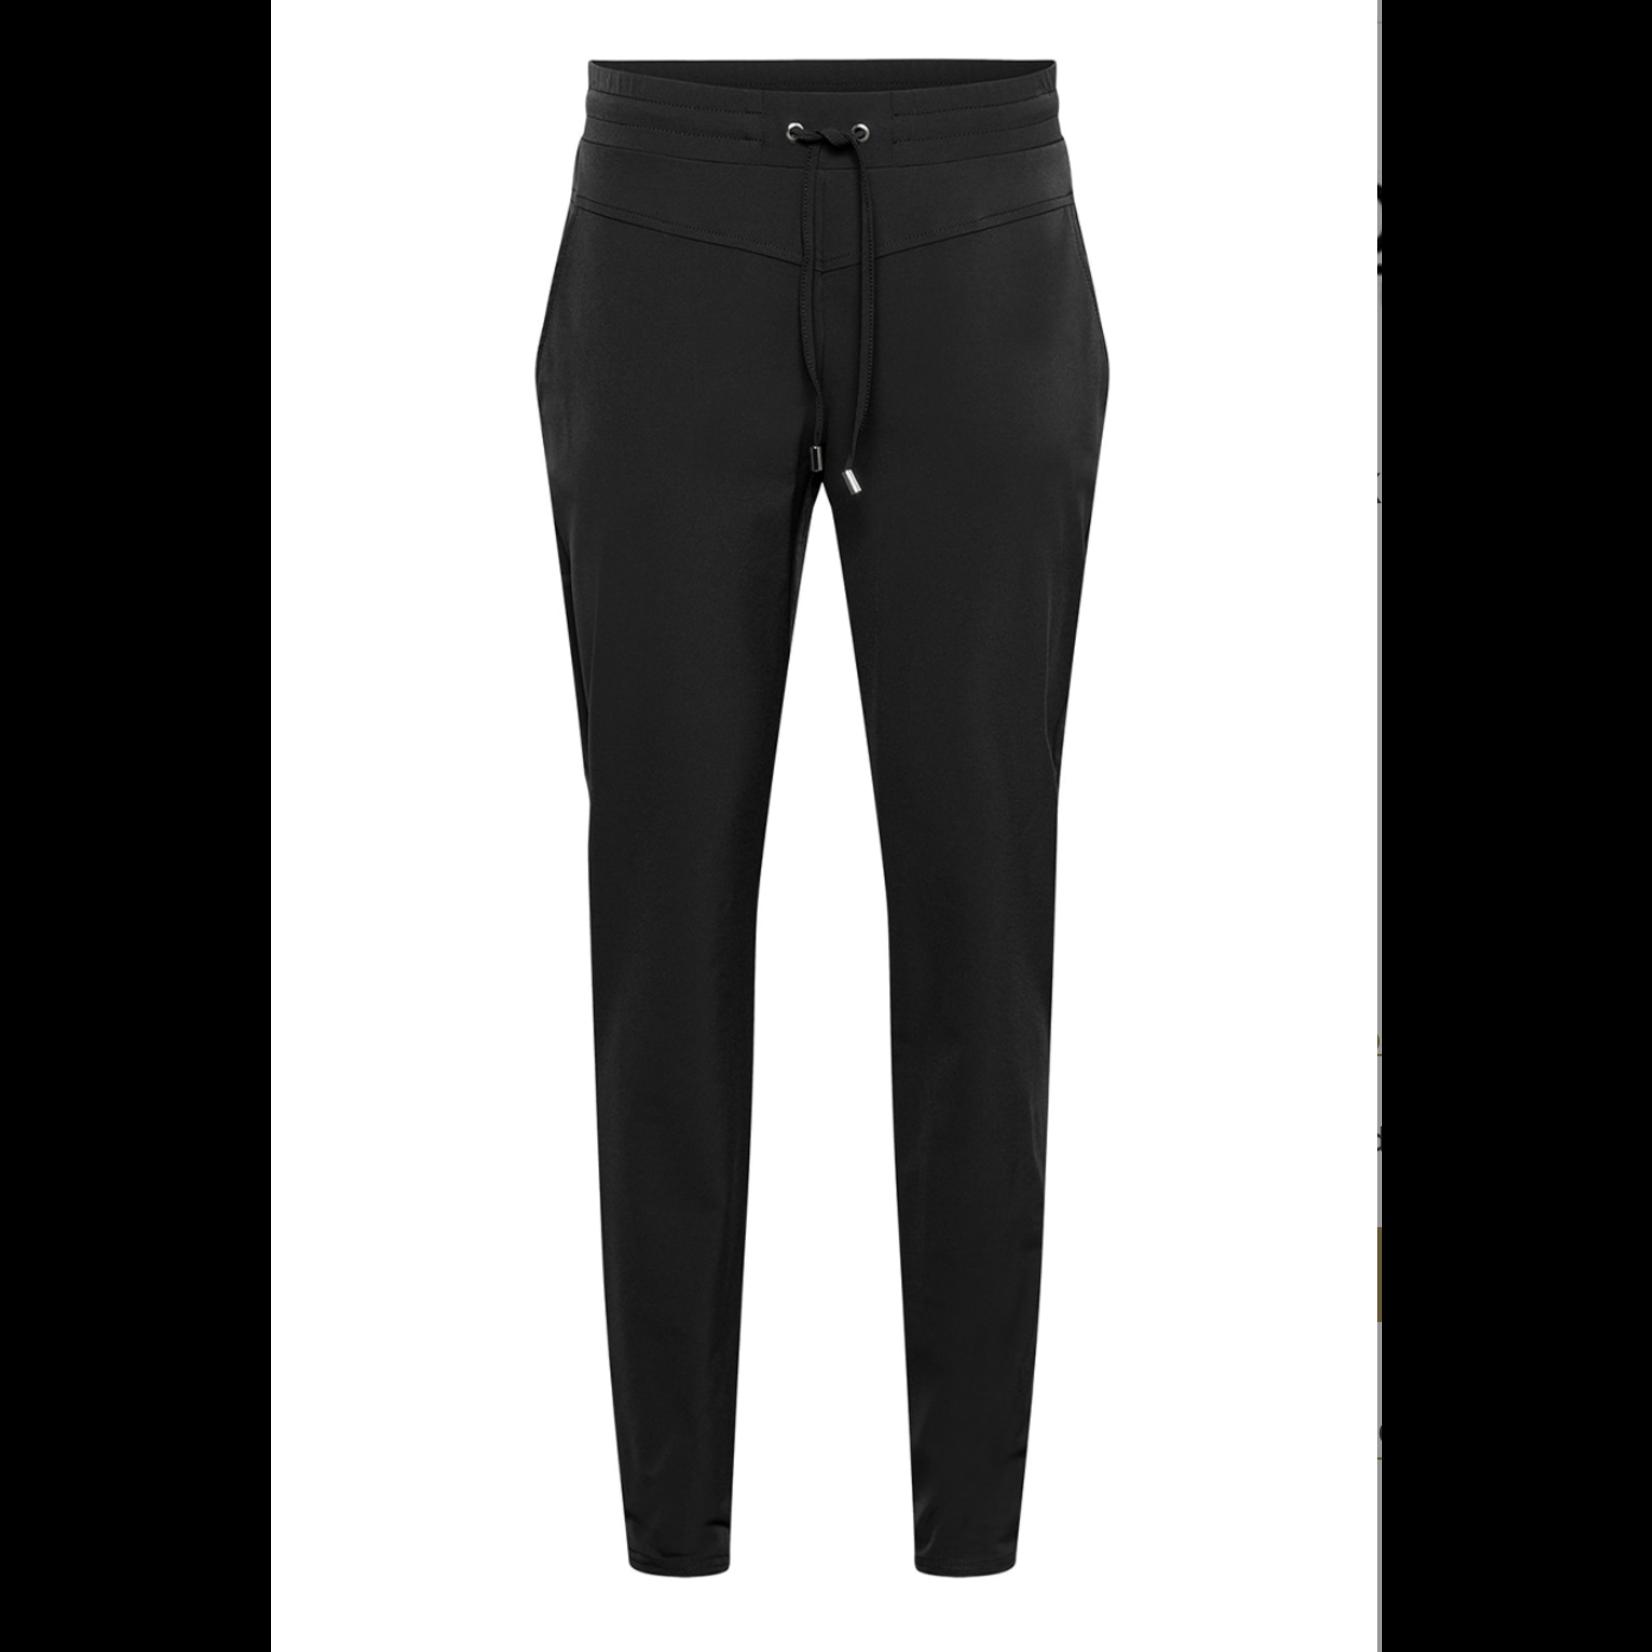 & Co & Co Woman Penny Pants Black